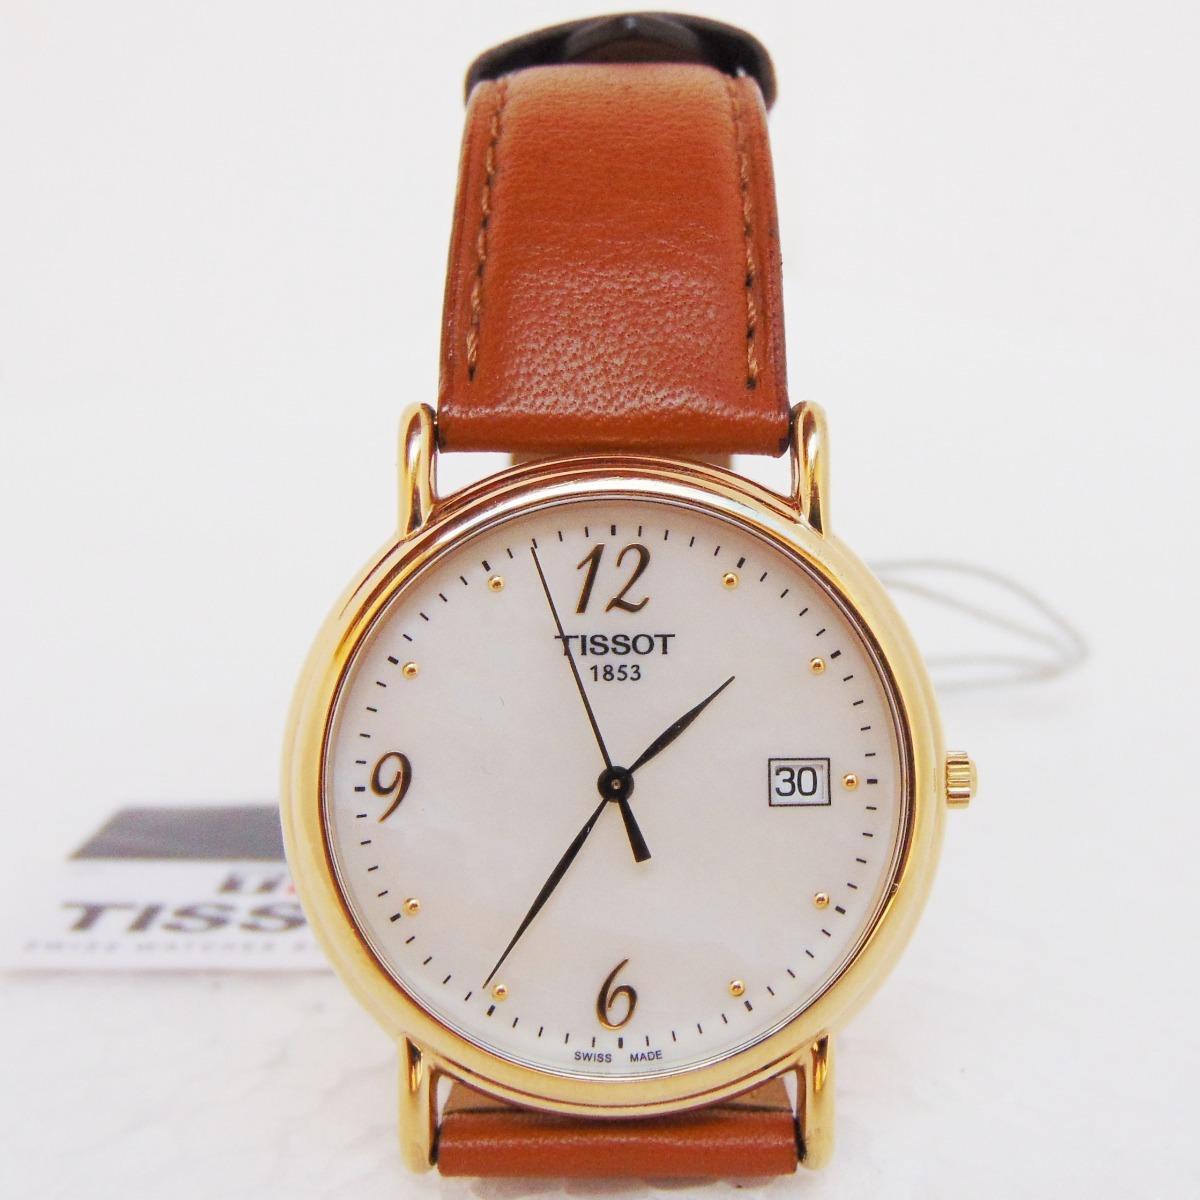 e574c25e1cb relógio tissot 1853 quartz analógico suíço ouro vidro safira. Carregando  zoom.